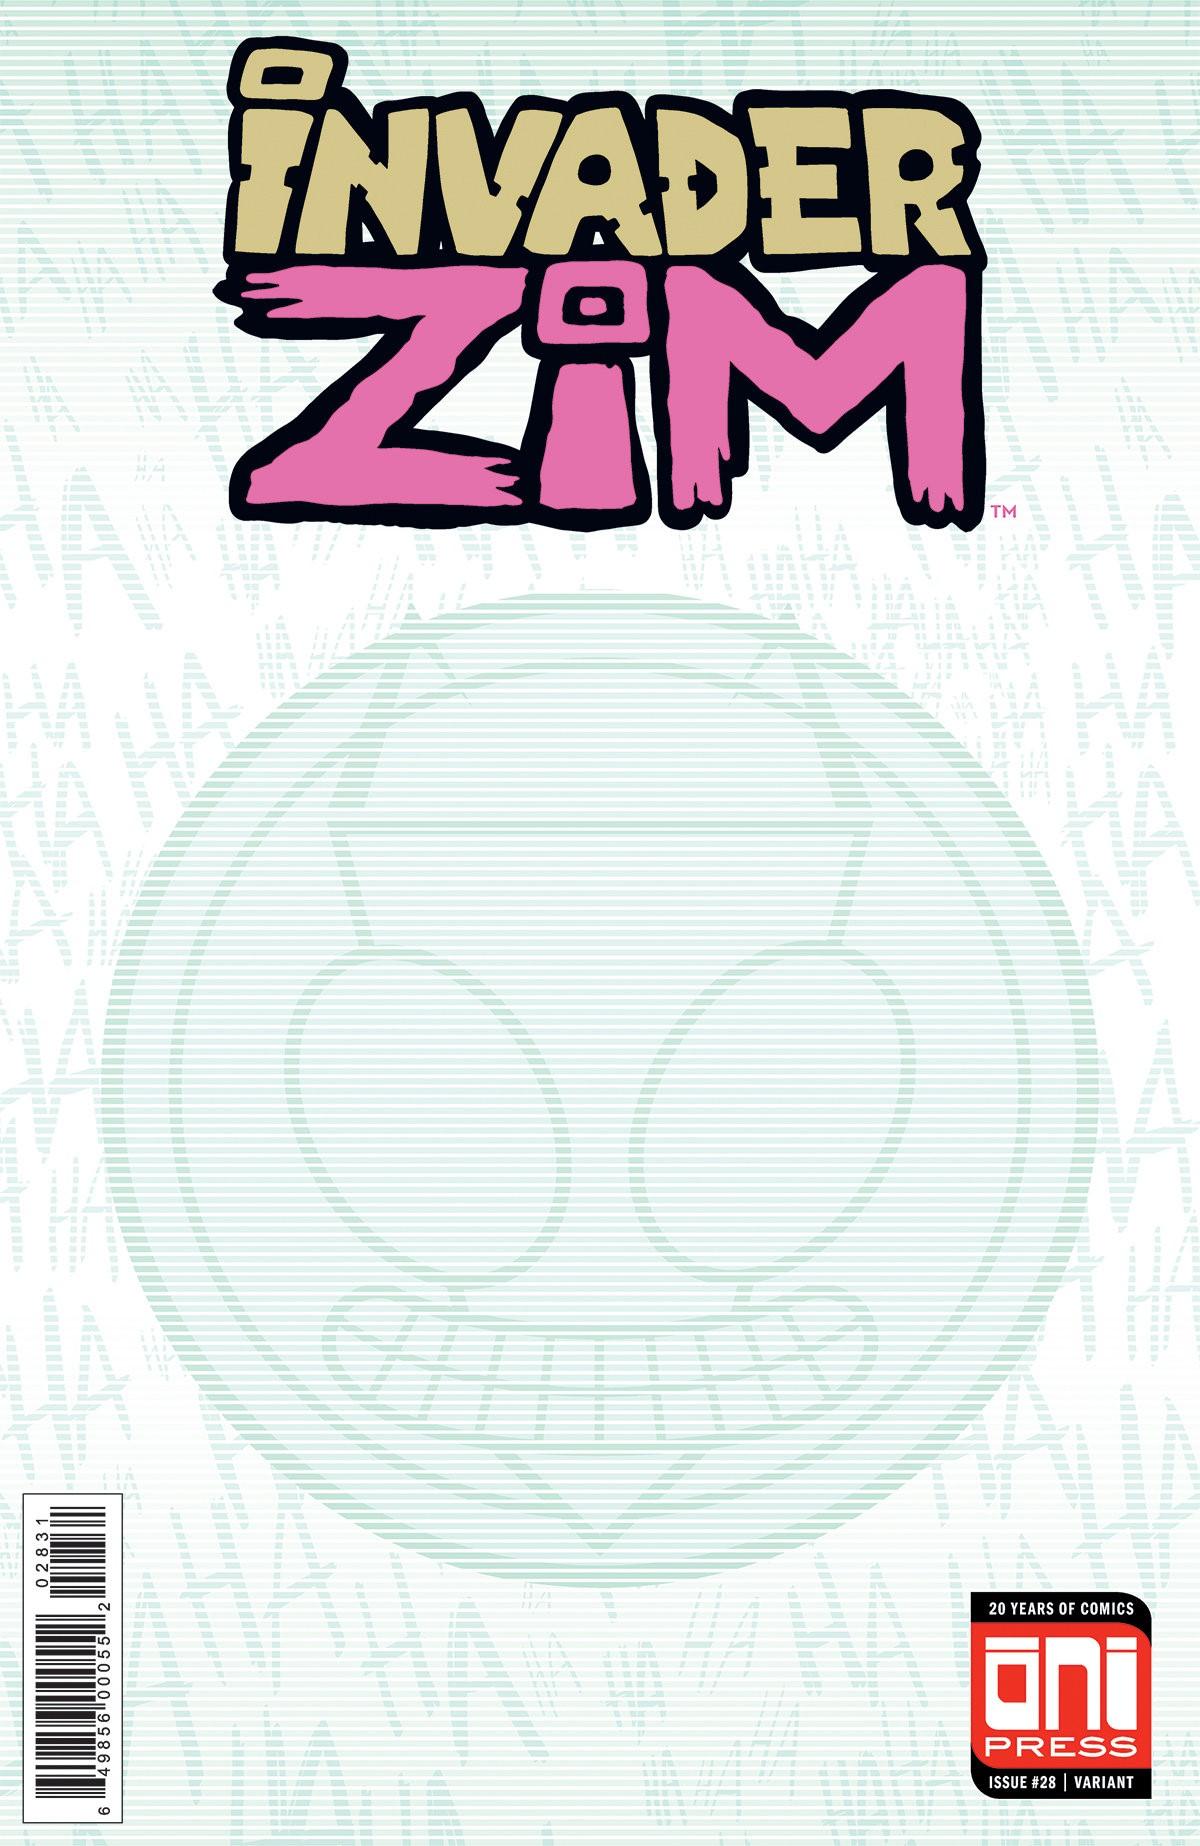 Invader Zim #28 Sketch Variant